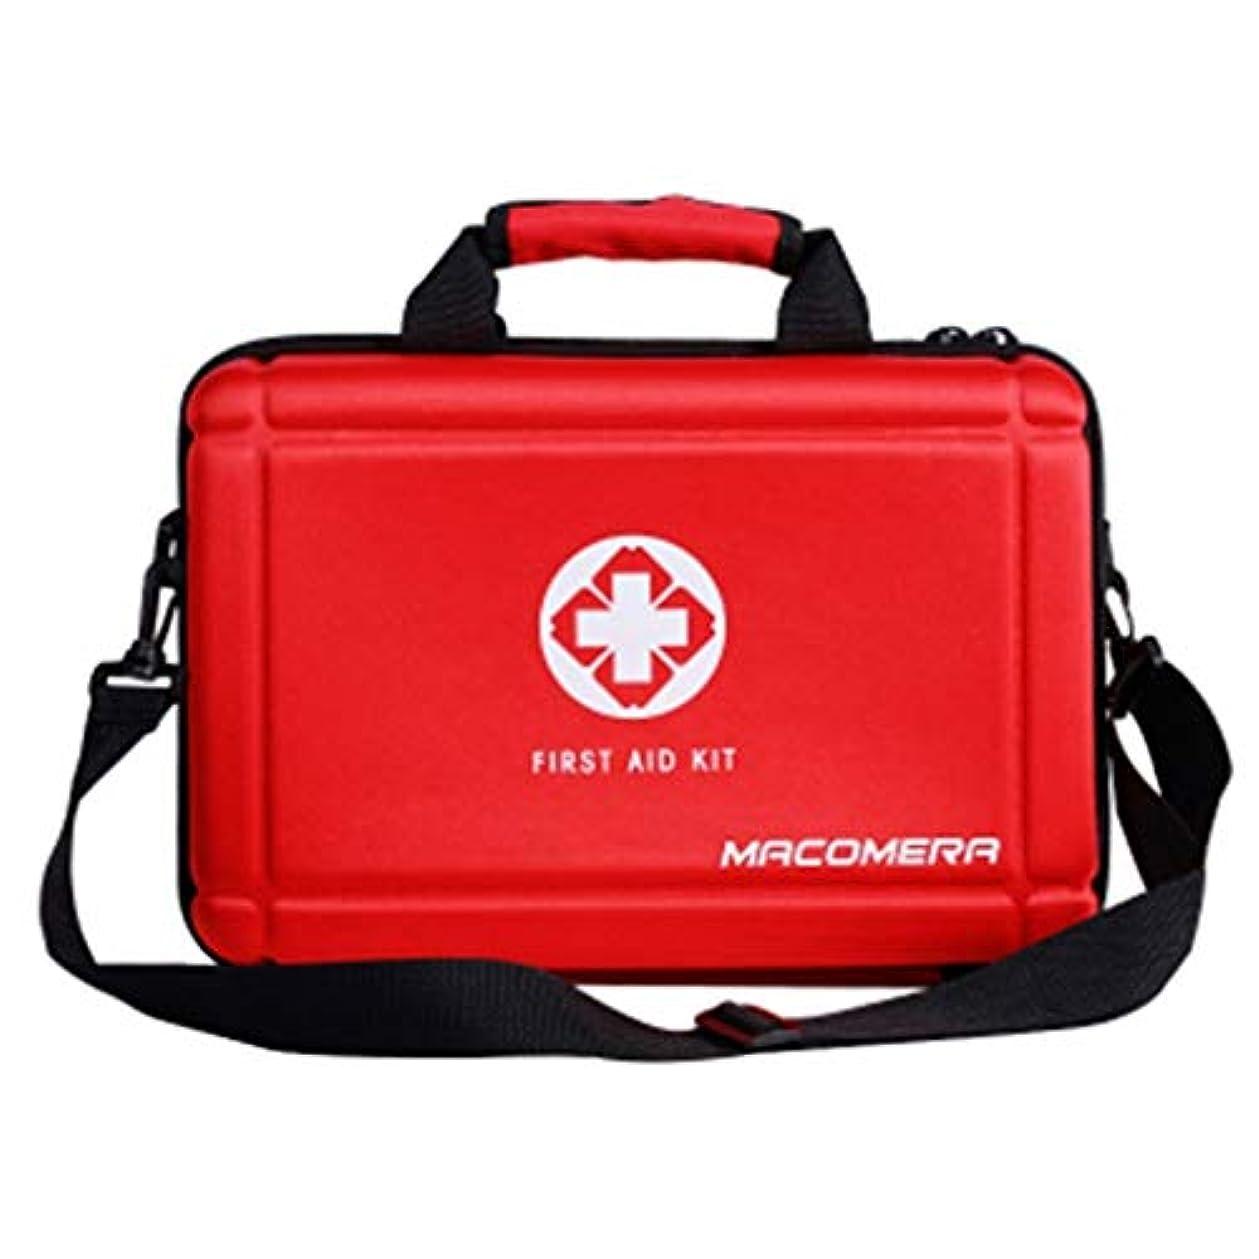 悪いうめき疾患緊急用バッグ 携帯用救急箱アウトドアサバイバルキット防水医療用バッグ/ 36 x 24 x 13.5 cm HMMSP